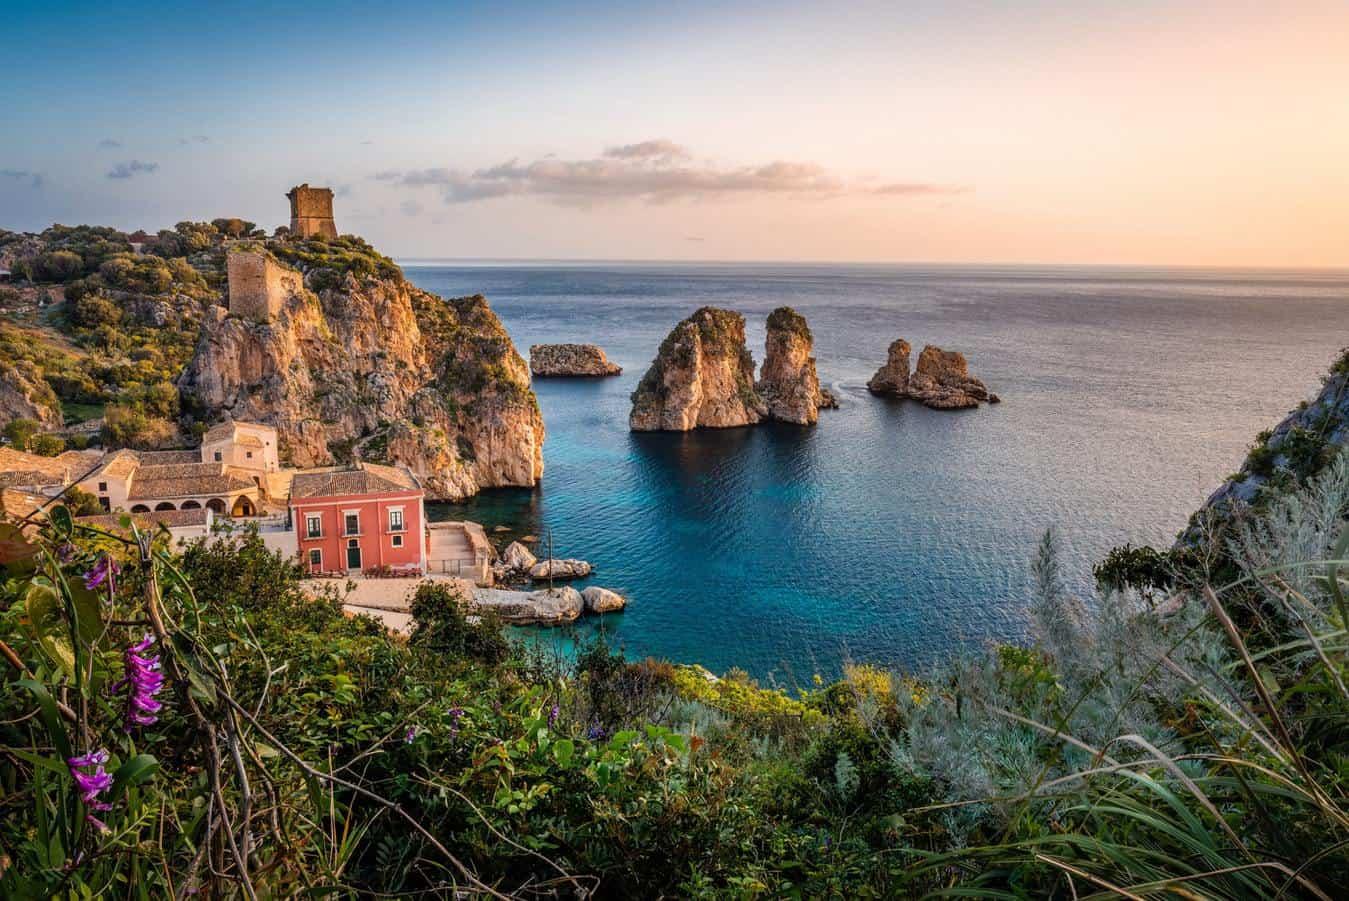 Пейзажи Сицилии, Италия